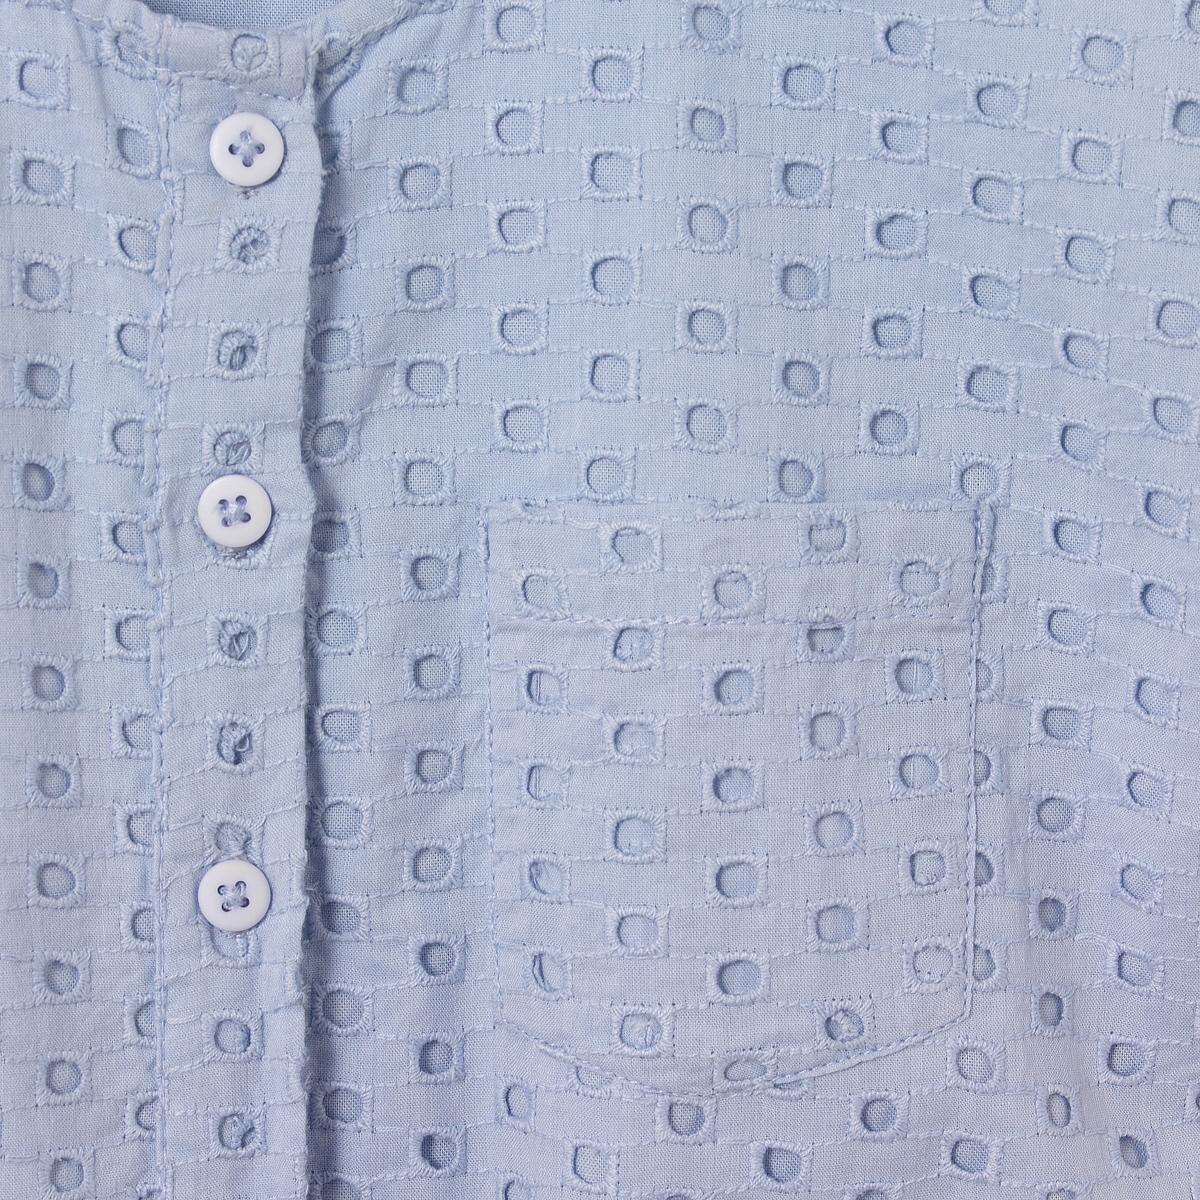 Комбинезон короткий из английского кружева, 3-12 летСостав и описание : Материал: для серого цвета - 90% хлопок, 10 вискоза для зеленого цвета - 65% полиэстер, 35% хлопок.Марка         abcdRУход:- Машинная стирка при 30°C с вещами схожих цветовСтирка и глажка с изнаночной стороныМашинная сушка в умеренном режимеГладить на низкой температуре<br><br>Цвет: синий